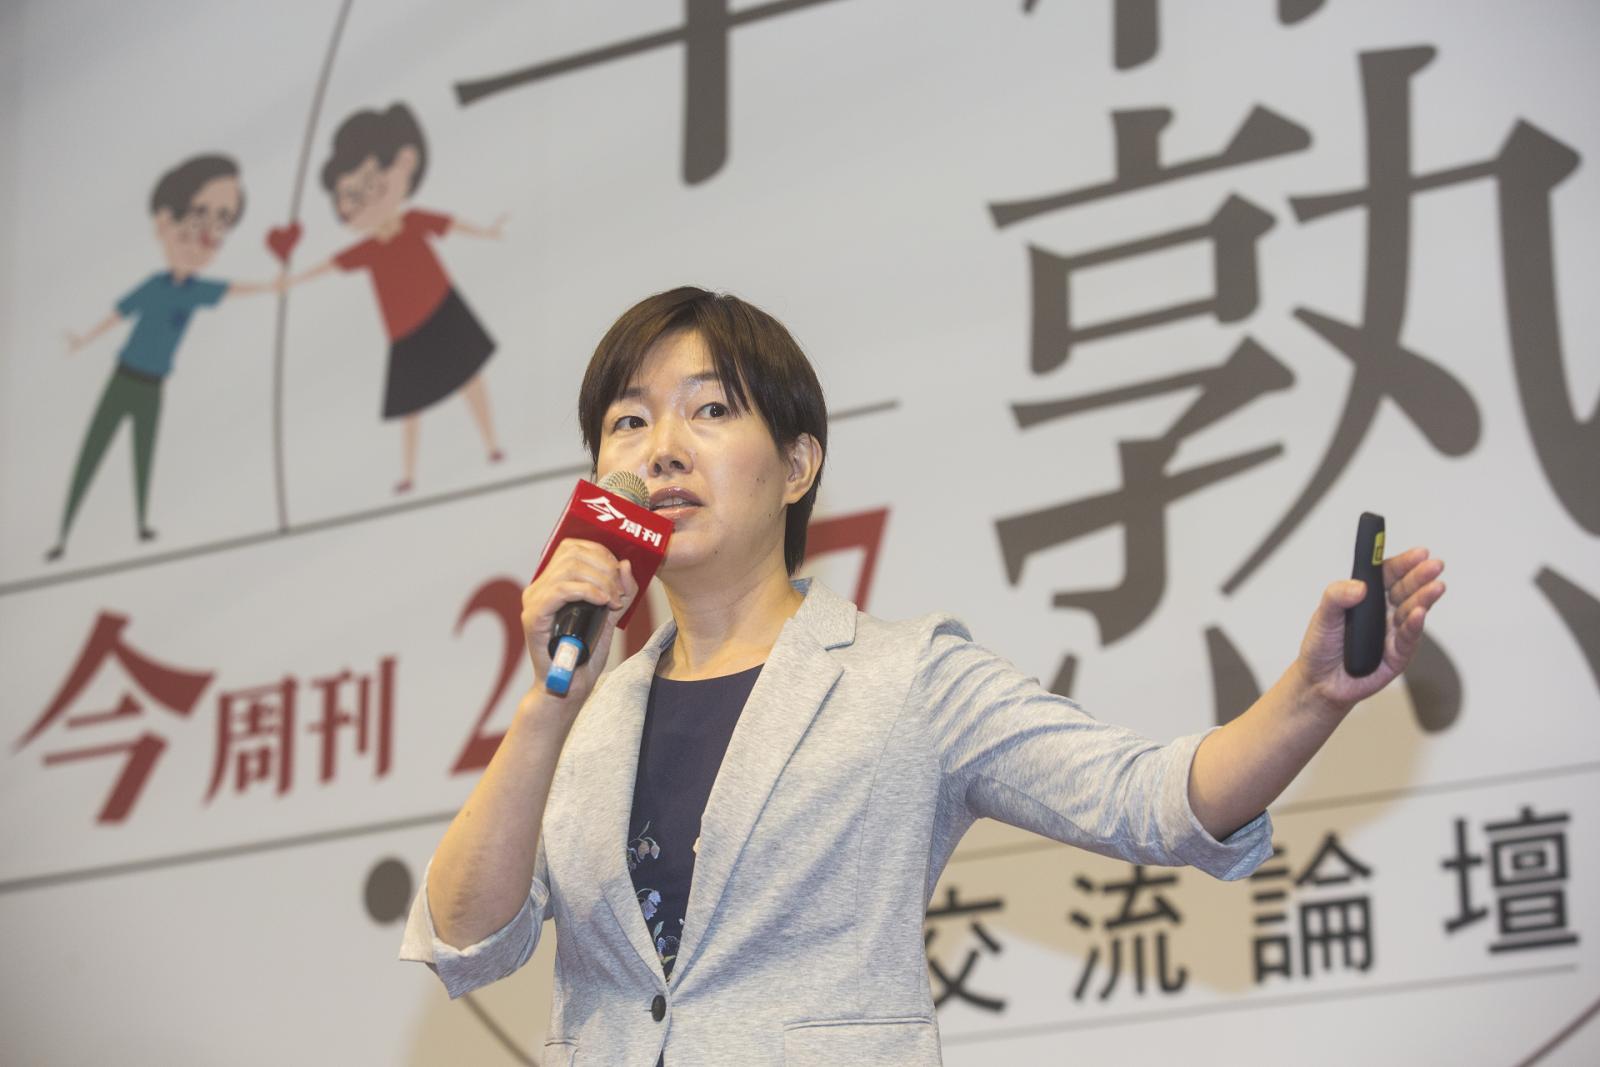 日本治療師以親身經歷 分享「5個不需努力的照護技巧」